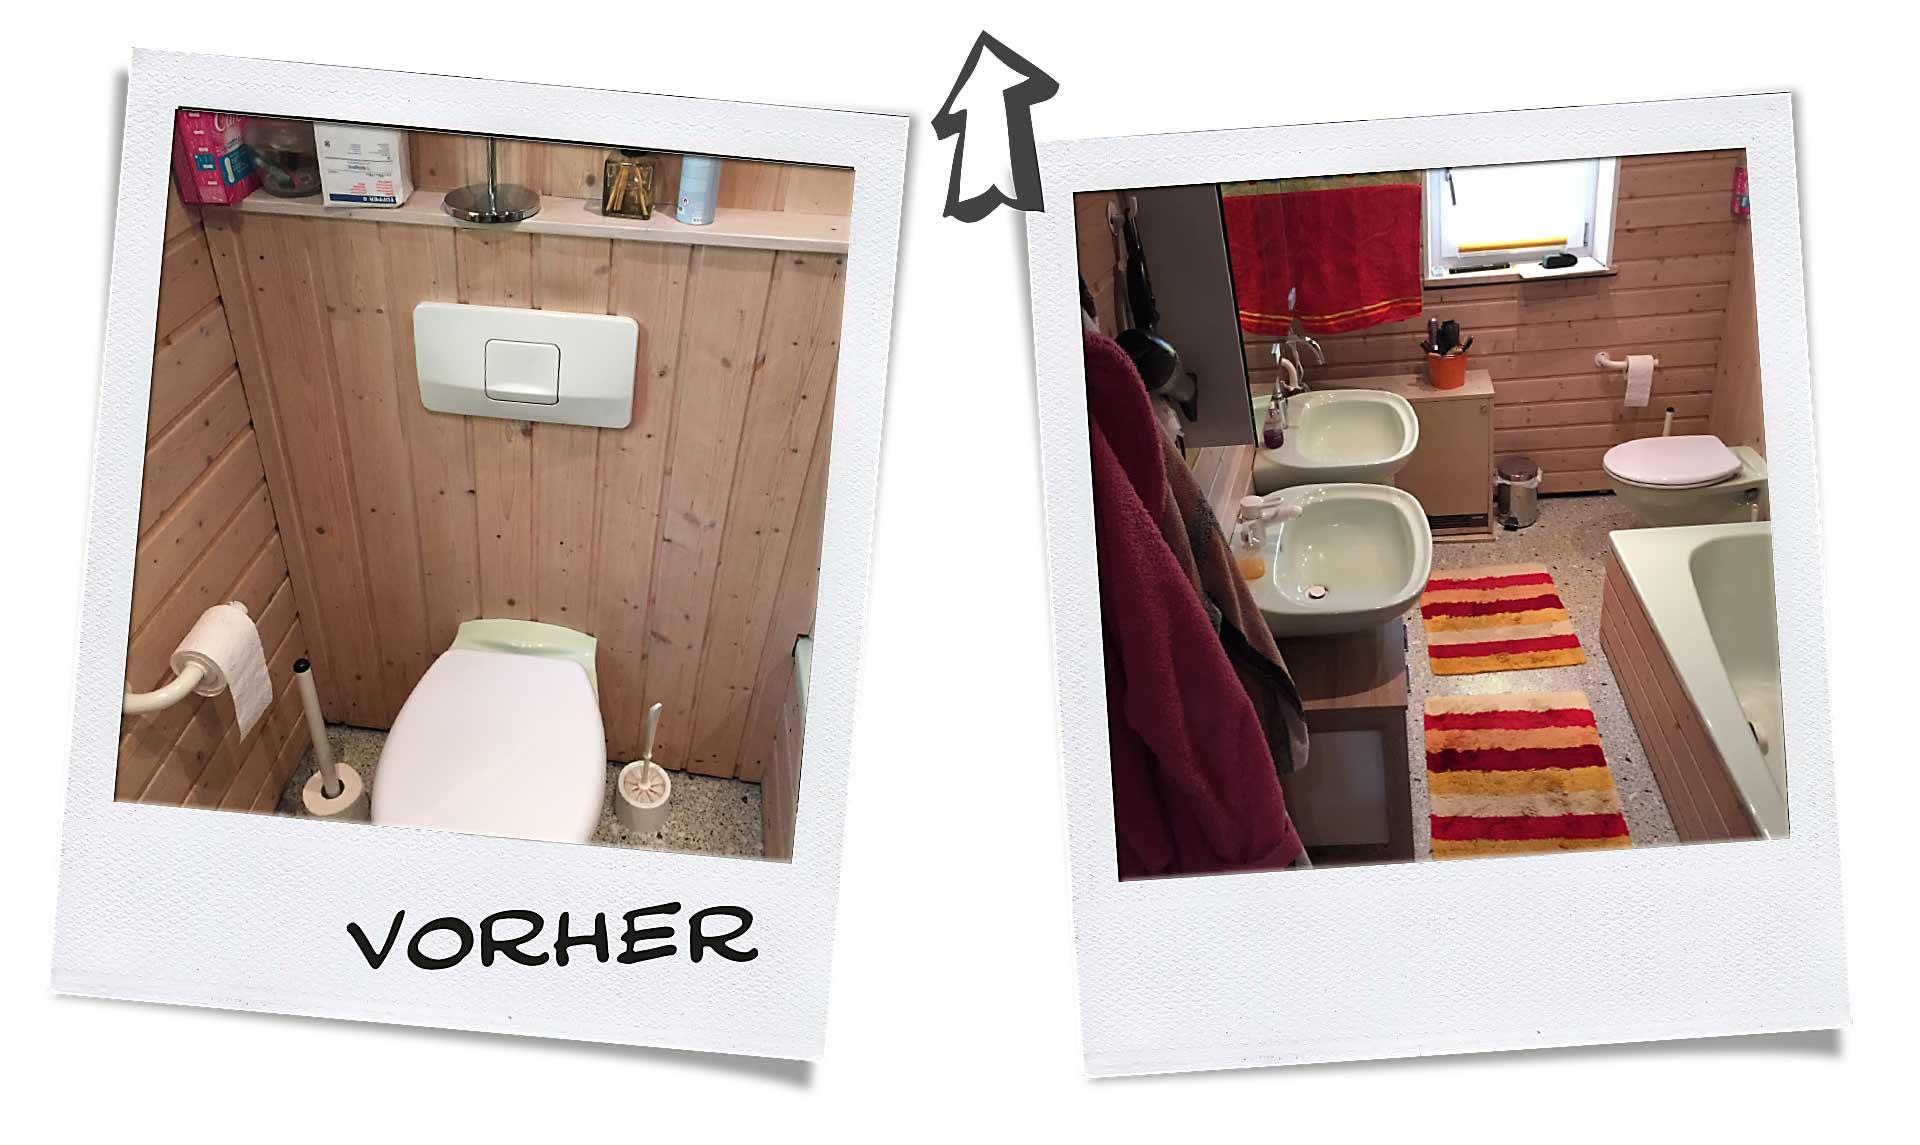 Badrenovierung Vorher Nachher Vergleich